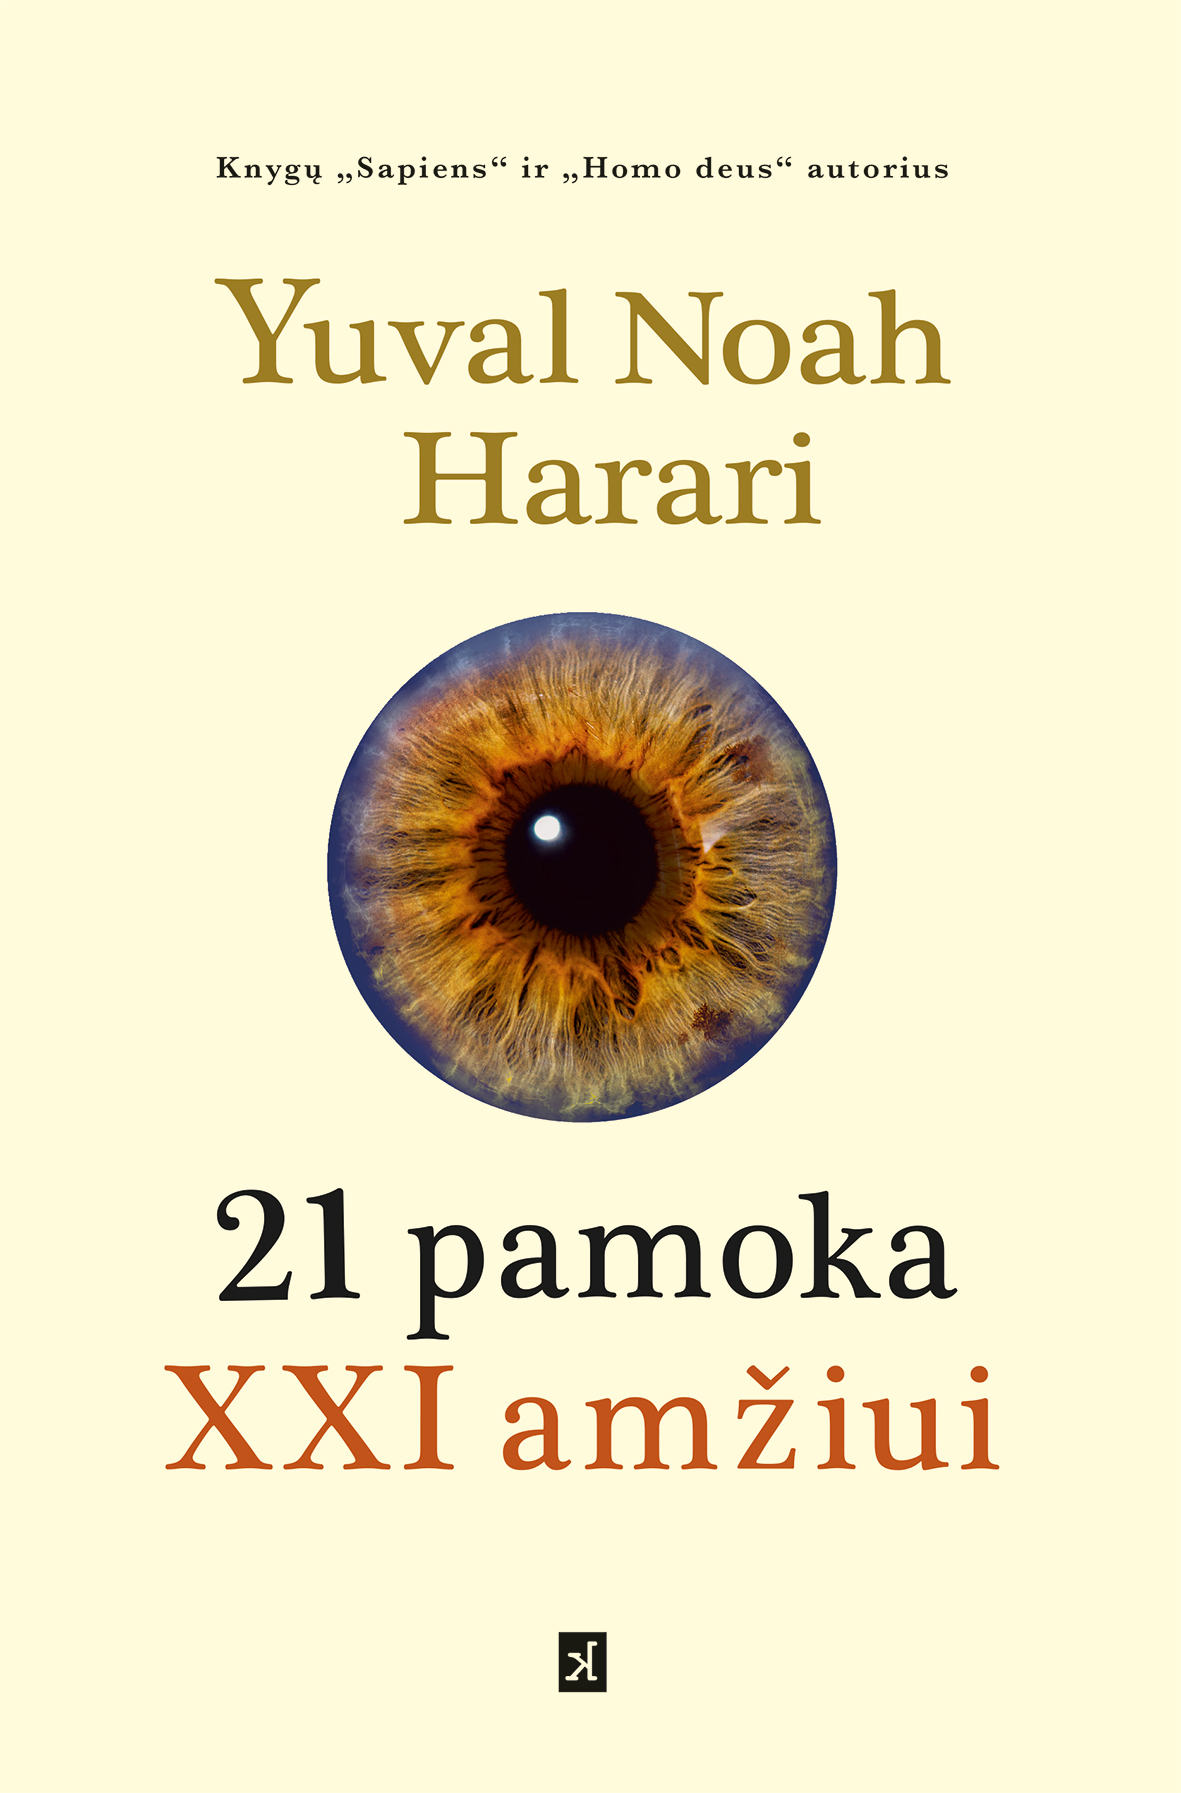 21-pamoka-XXI-amziui